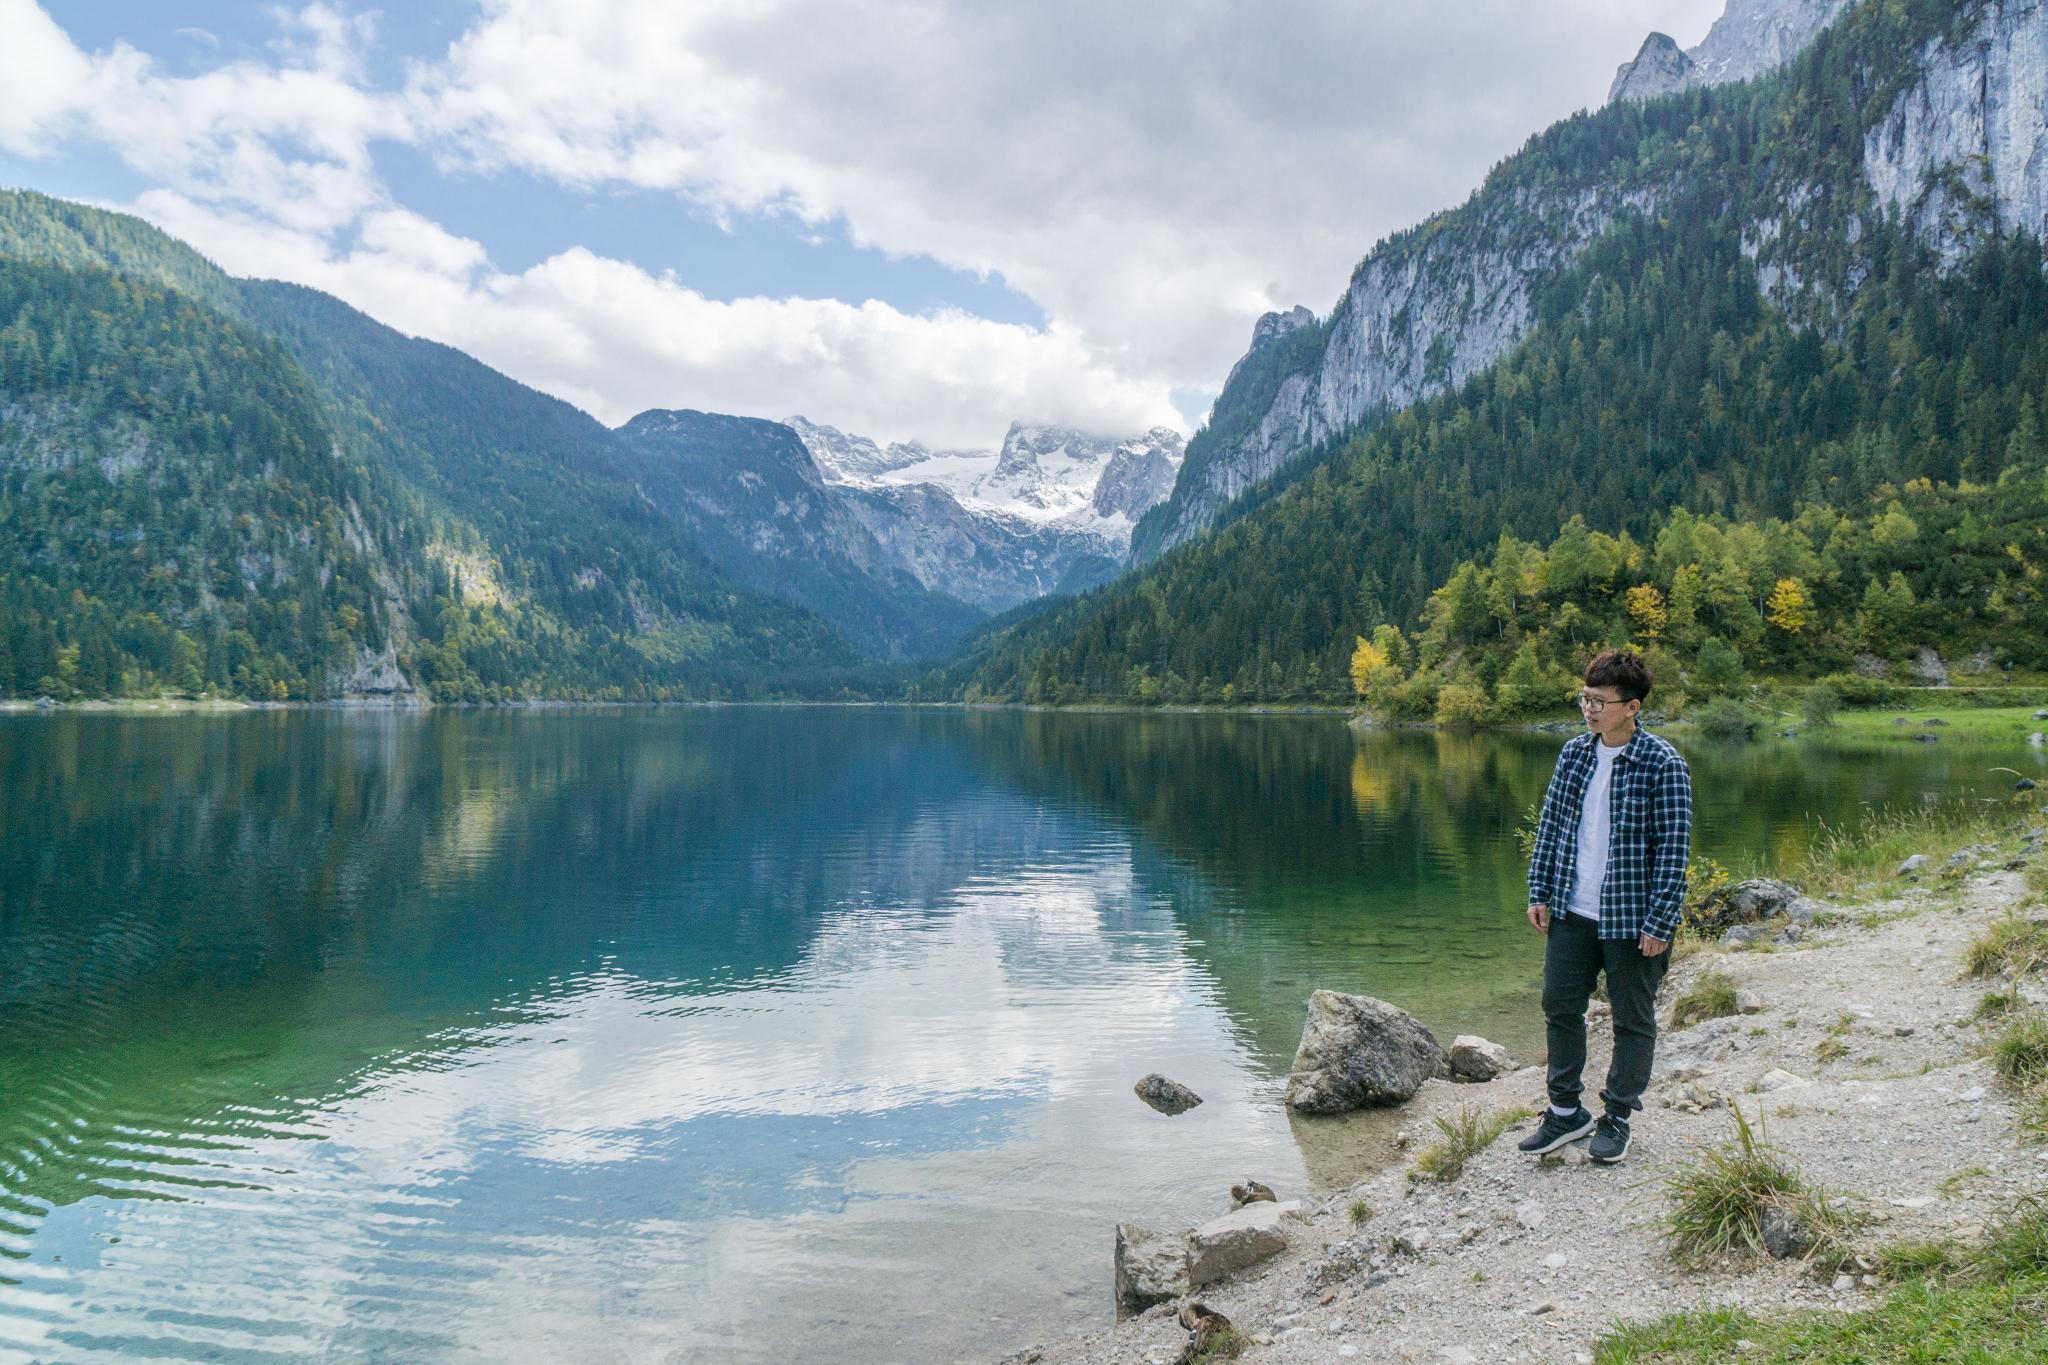 【奧地利】遠離塵囂!哈修塔特周邊的絕美湖泊 — 高薩湖 Gosausee 湖濱散記 17